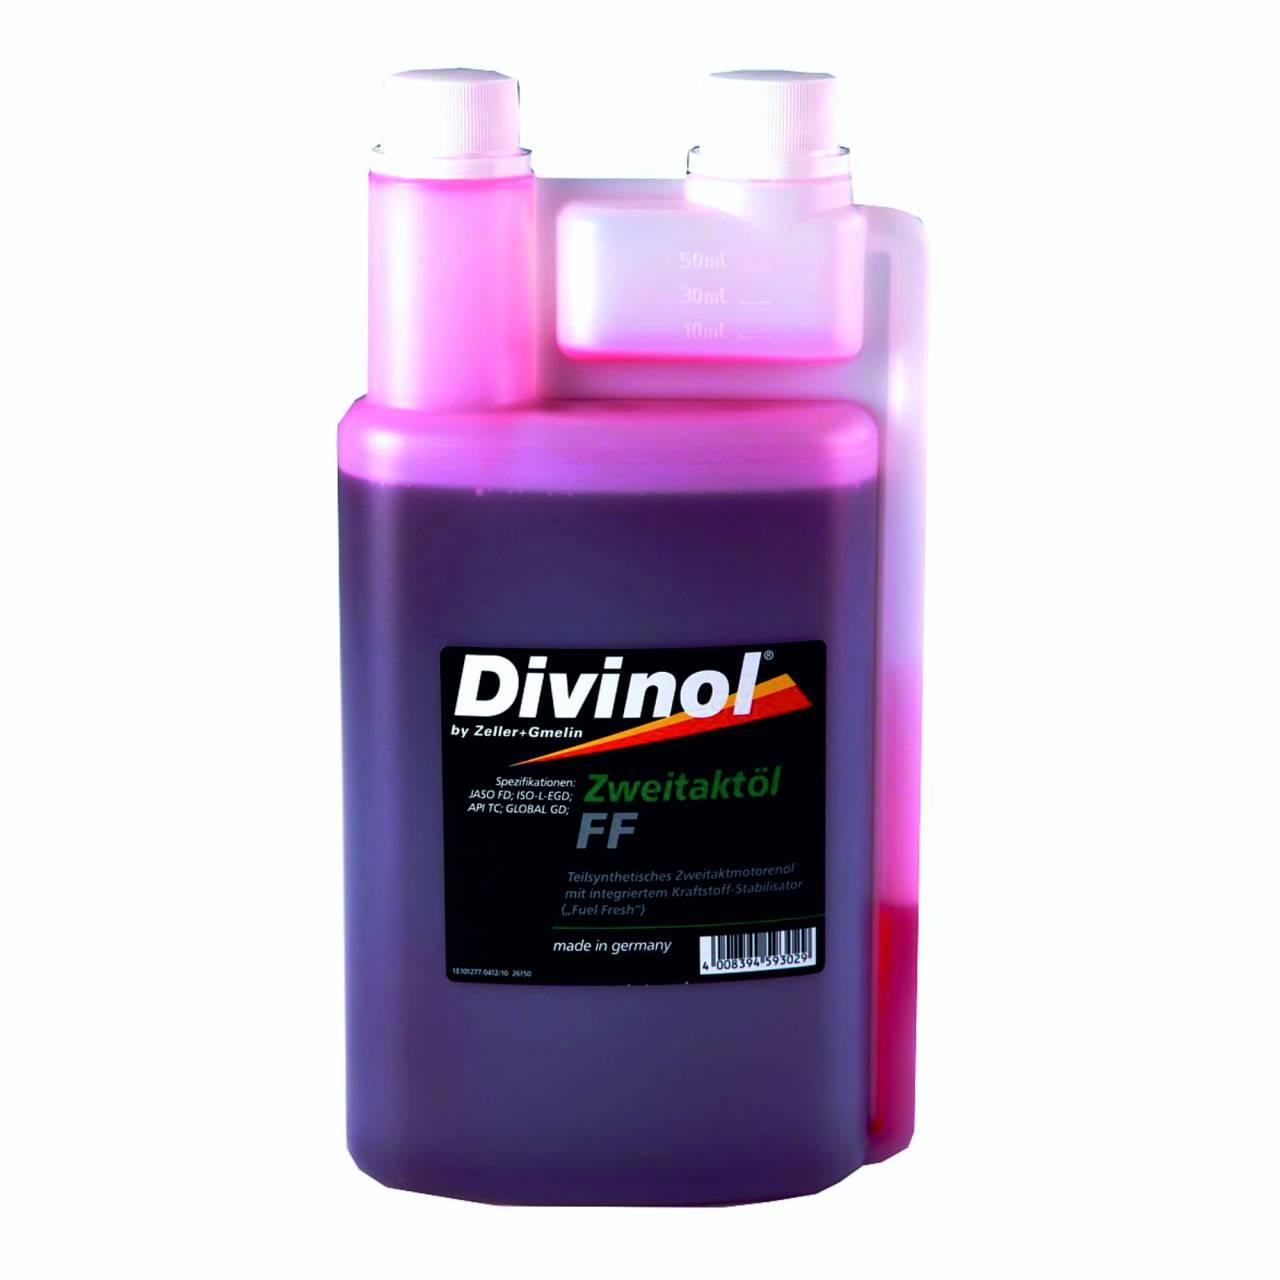 Zweitaktöl 'Divinol' FF / 1,0 Liter Dosierflasche